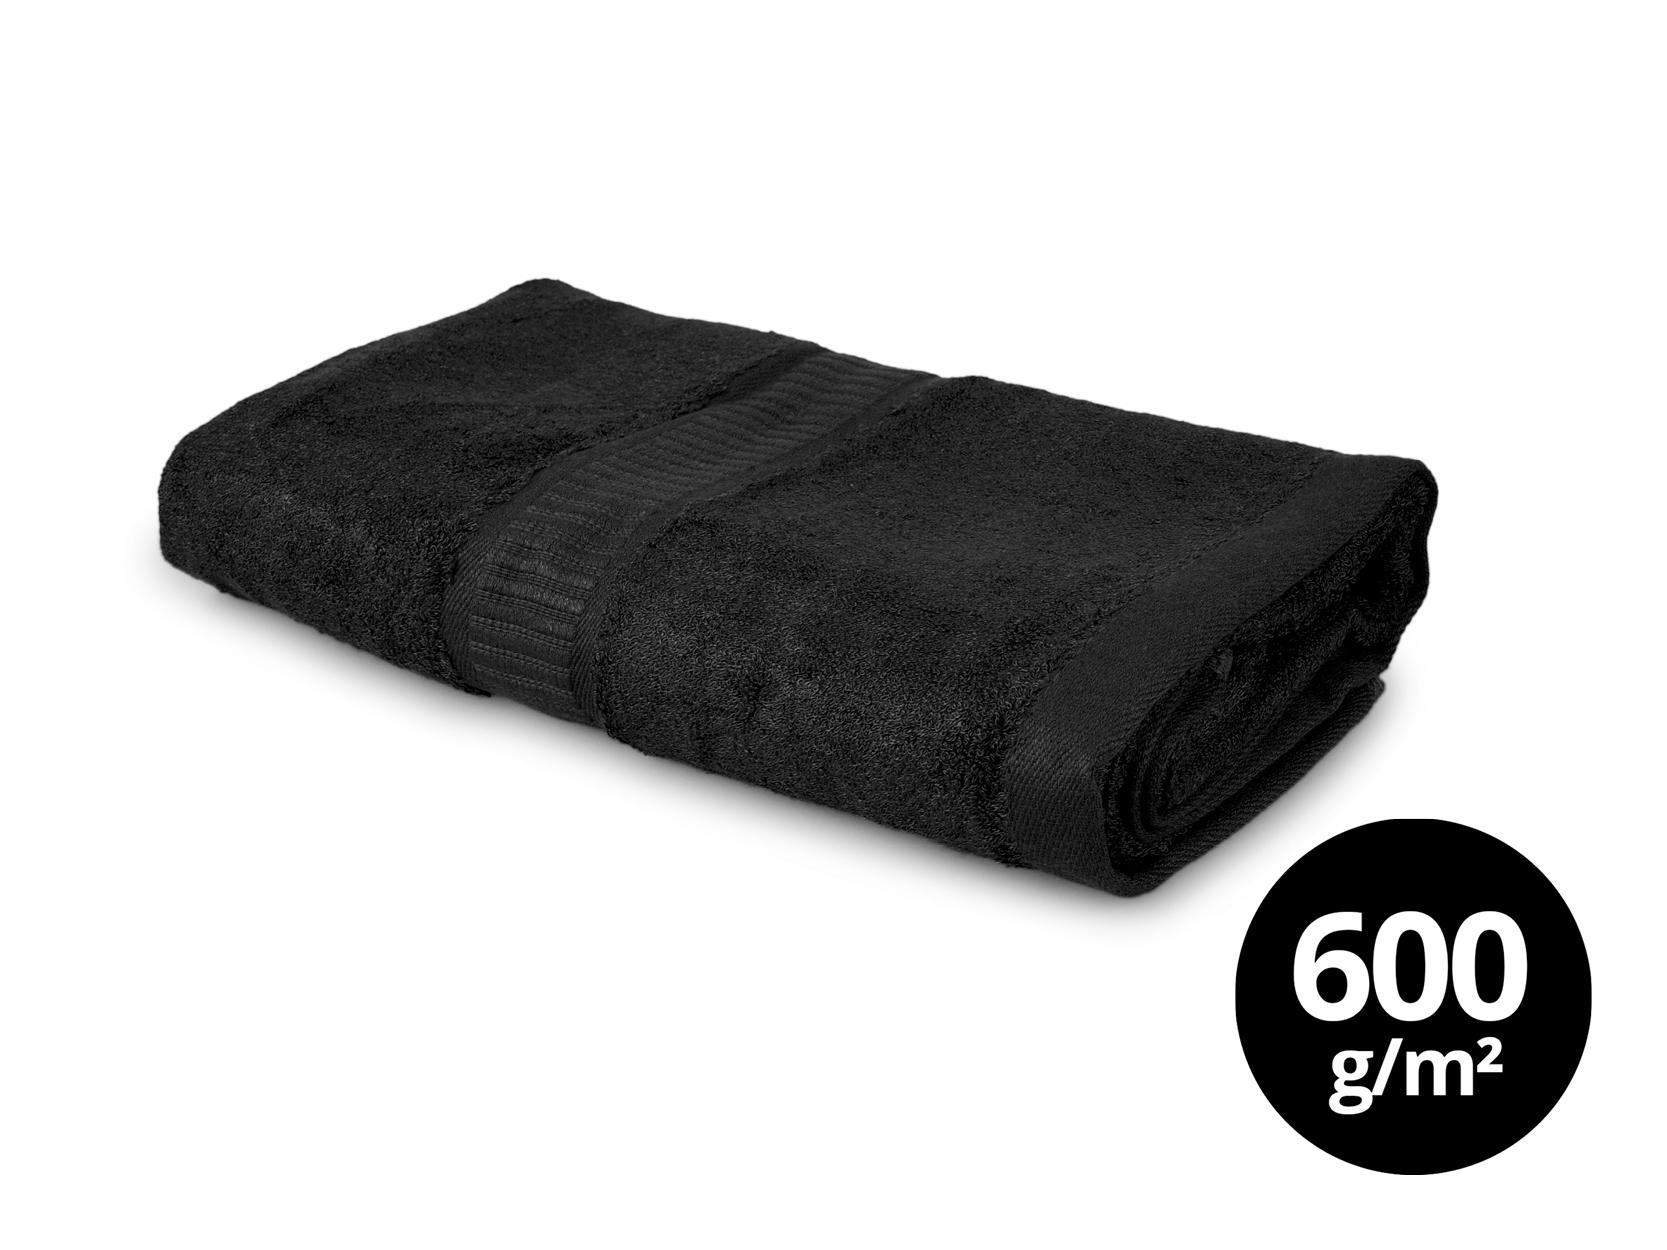 BAMBOO velký ručník  s elegantní bordurou černý